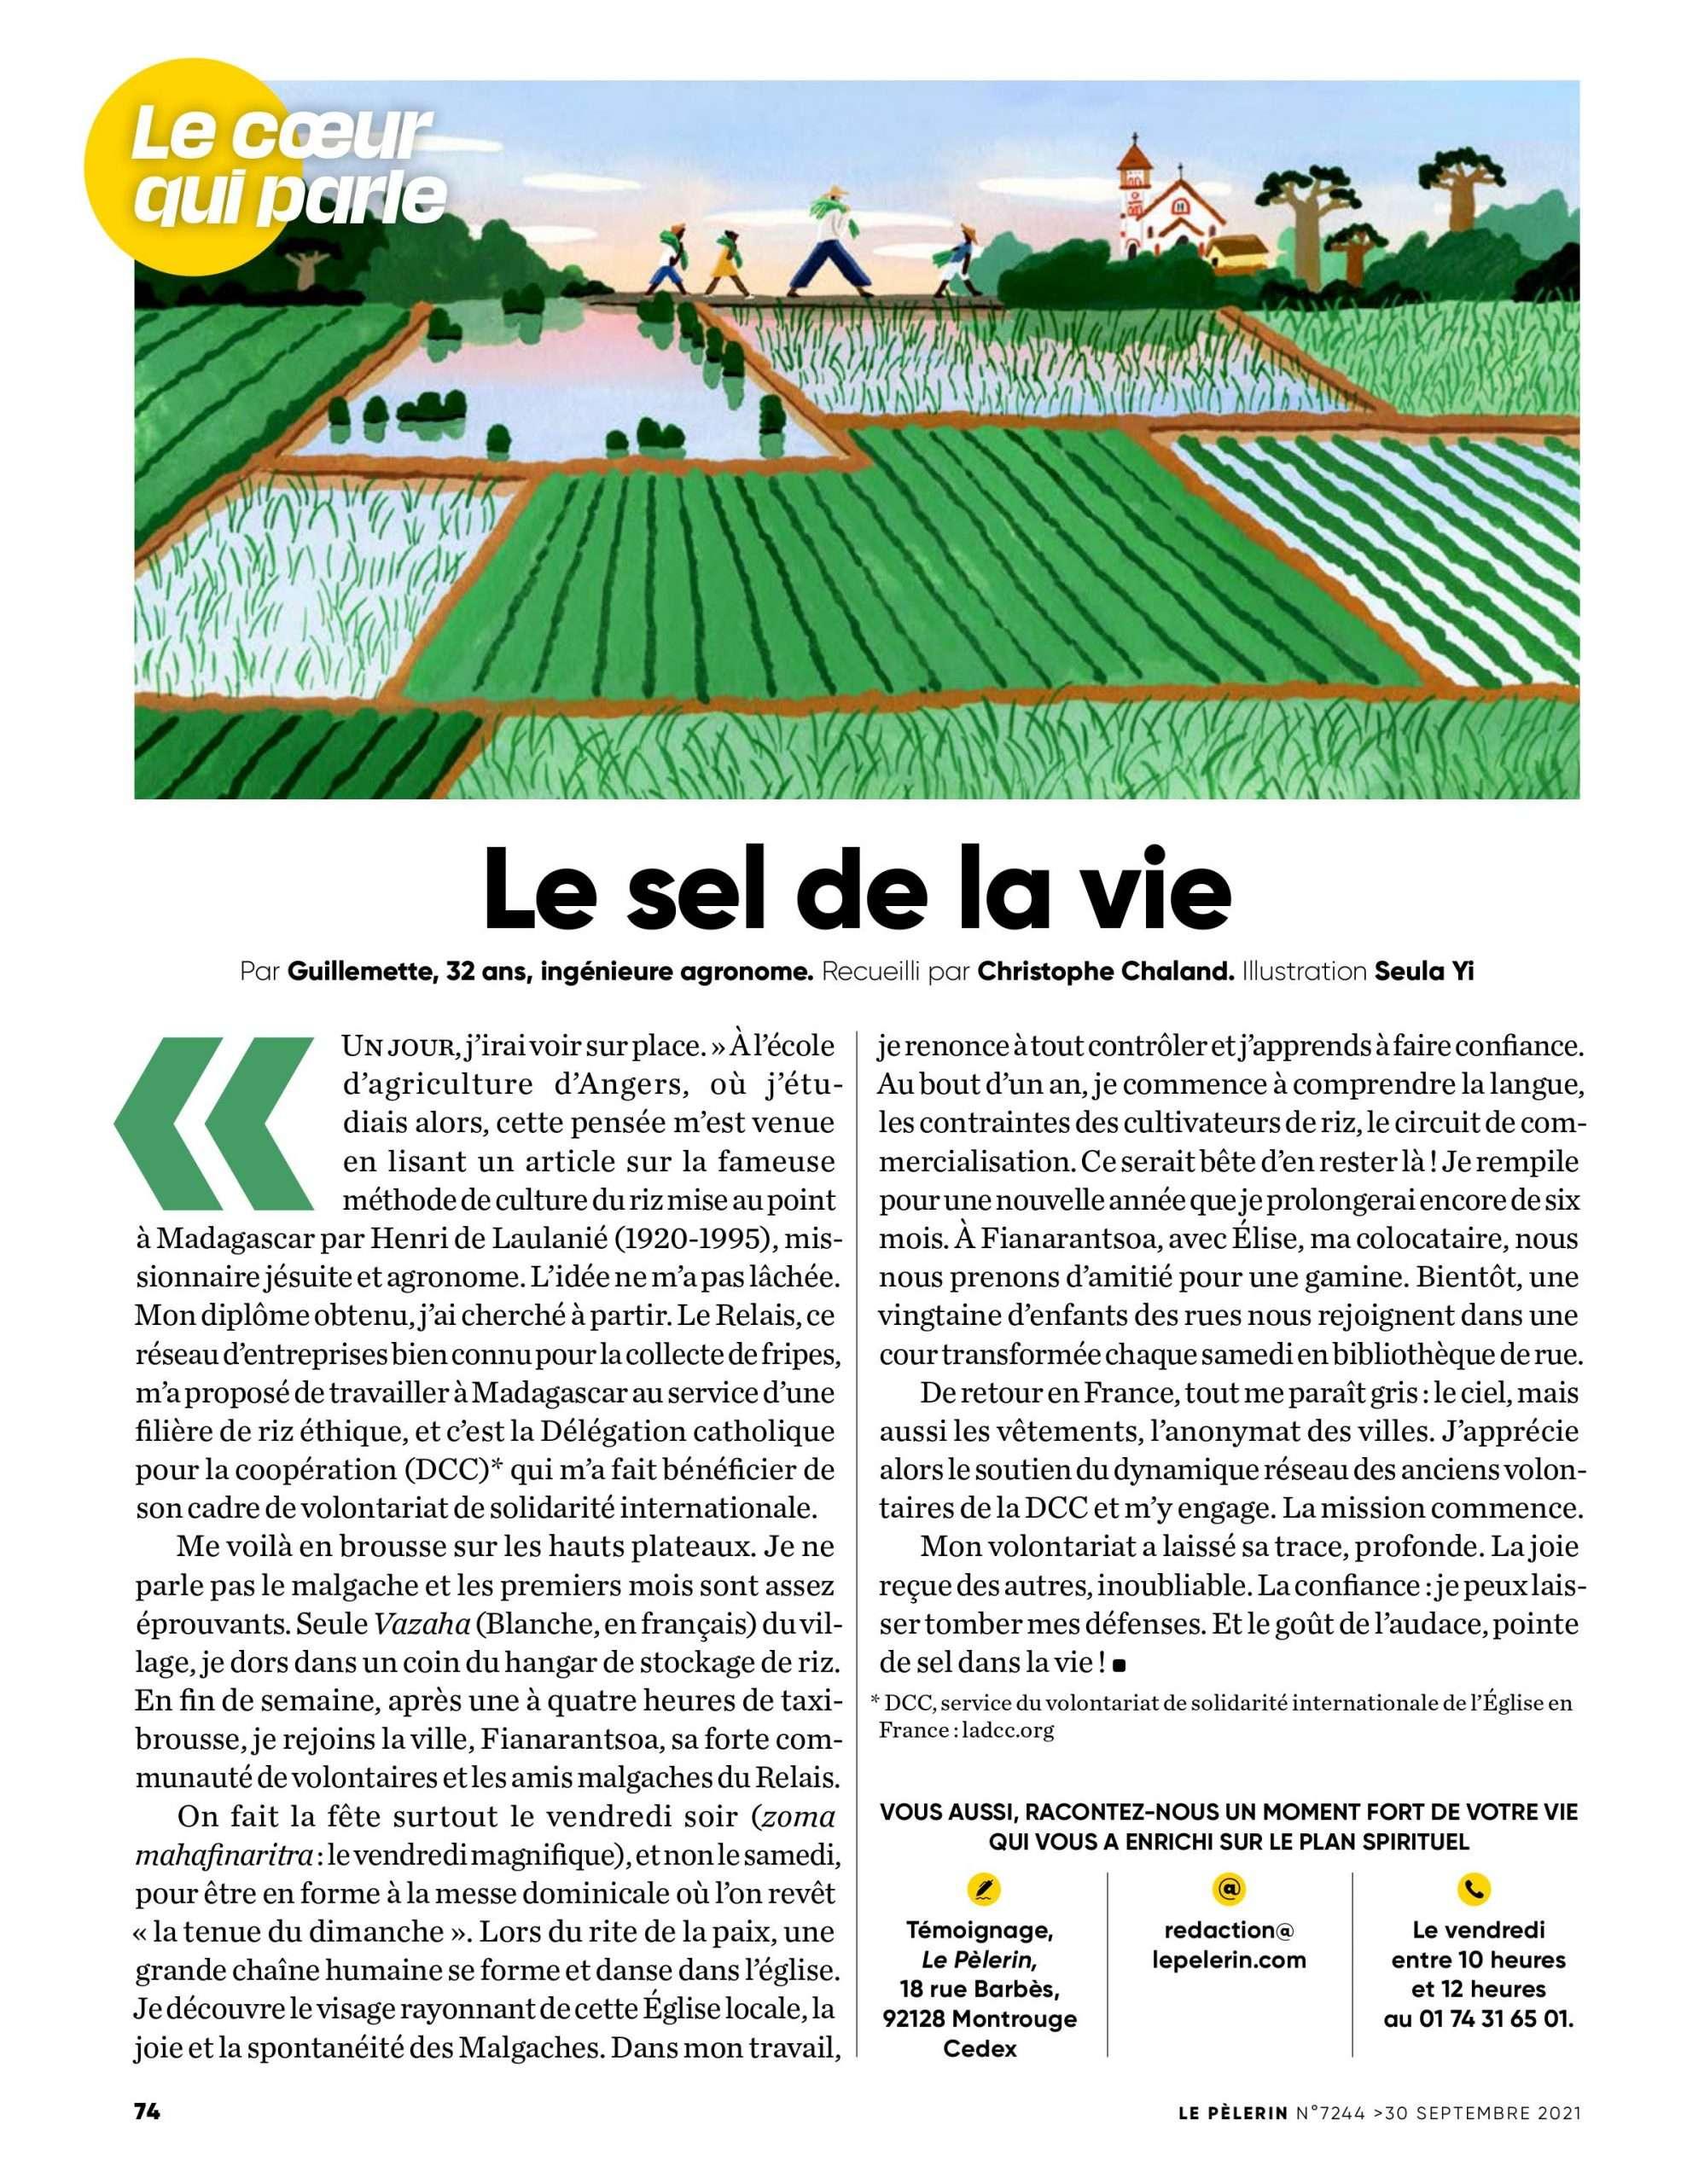 """""""Un jour, j'irai voir sur place. » À l'école d'agriculture d'Angers, où j'étudiais alors, cette pensée m'est venue en lisant un article sur la fameuse méthode de culture du riz mise au point à Madagascar par Henri de Laulanié (1920-1995), missionnaire jésuite et agronome. L'idée ne m'a pas lâchée. Mon diplôme obtenu, j'ai cherché à partir. Le Relais, ce réseau d'entreprises bien connu pour la collecte de fripes, m'a proposé de travailler à Madagascar au service d'une filière de riz éthique, et c'est la Délégation catholique pour la coopération (DCC)* qui m'a fait bénéficier de son cadre de volontariat de solidarité internationale. Me voilà en brousse sur les hauts plateaux. Je ne parle pas le malgache et les premiers mois sont assez éprouvants. Seule Vazaha (Blanche, en français) du village, je dors dans un coin du hangar de stockage de riz. En fin de semaine, après une à quatre heures de taxibrousse, je rejoins la ville, Fianarantsoa, sa forte communauté de volontaires et les amis malgaches du Relais. On fait la fête surtout le vendredi soir (zoma mahafinaritra : le vendredi magnifique), et non le samedi, pour être en forme à la messe dominicale où l'on revêt « la tenue du dimanche ». Lors du rite de la paix, une grande chaîne humaine se forme et danse dans l'église. Je découvre le visage rayonnant de cette Église locale, la joie et la spontanéité des Malgaches. Dans mon travail, je renonce à tout contrôler et j'apprends à faire confiance. Au bout d'un an, je commence à comprendre la langue, les contraintes des cultivateurs de riz, le circuit de commercialisation. Ce serait bête d'en rester là ! Je rempile pour une nouvelle année que je prolongerai encore de six mois. À Fianarantsoa, avec Élise, ma colocataire, nous nous prenons d'amitié pour une gamine. Bientôt, une vingtaine d'enfants des rues nous rejoignent dans une cour transformée chaque samedi en bibliothèque de rue. De retour en France, tout me paraît gris : le ciel, mais aussi les vêtements, l'anonymat des"""